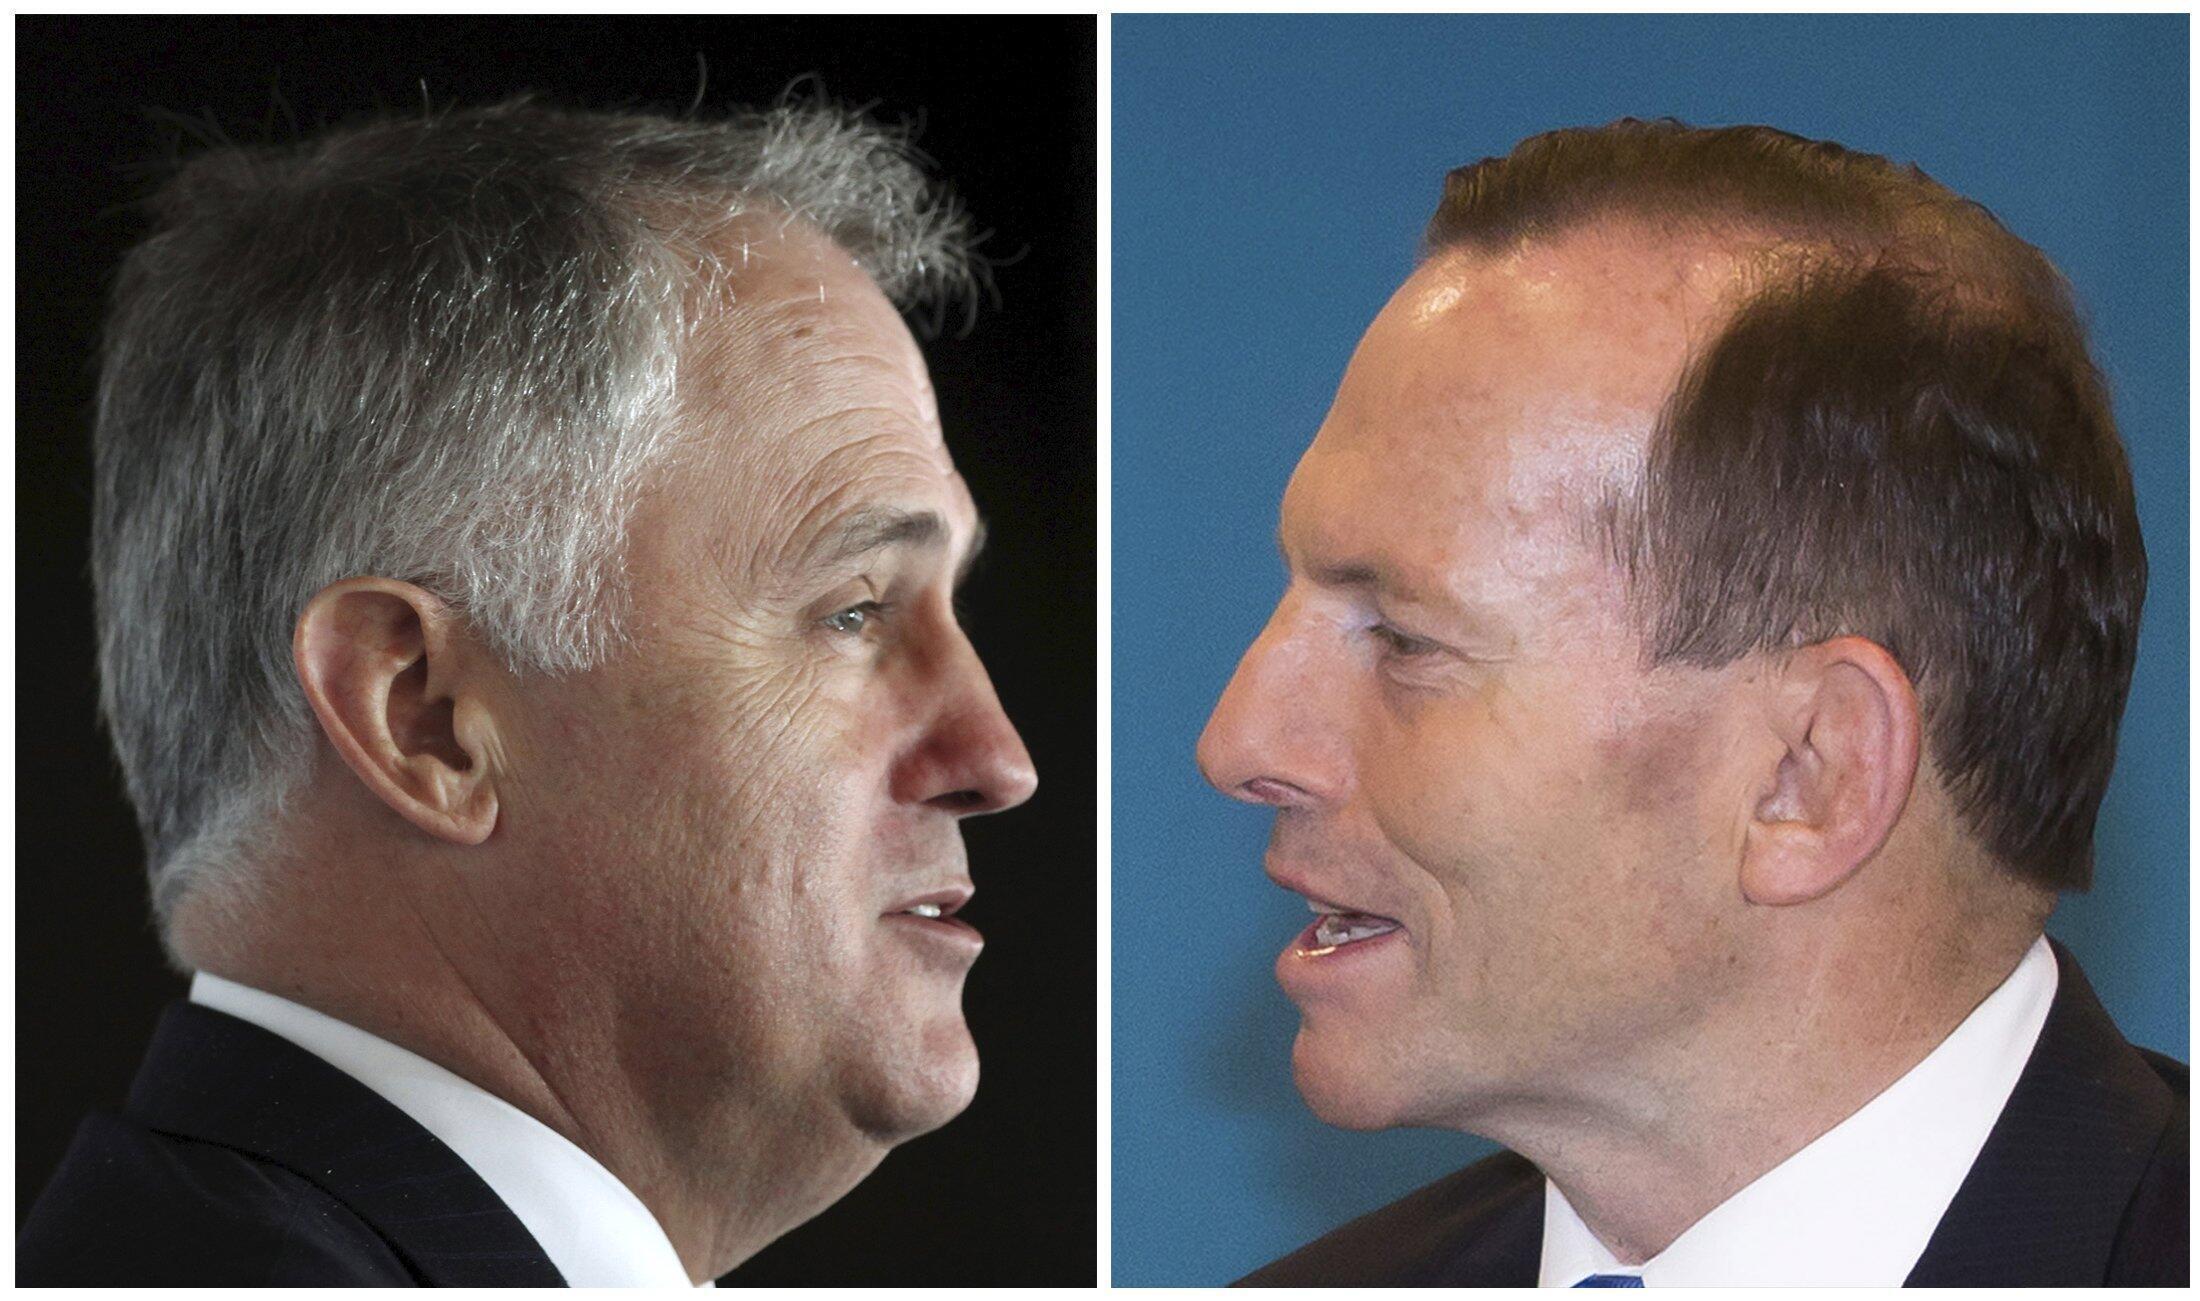 លោកថូនី អាបូត (Tony Abbott រូបស្តំា) និងលោកម៉ាល់ខម ថឺនប៊ុល (Malcolm Turnbull)